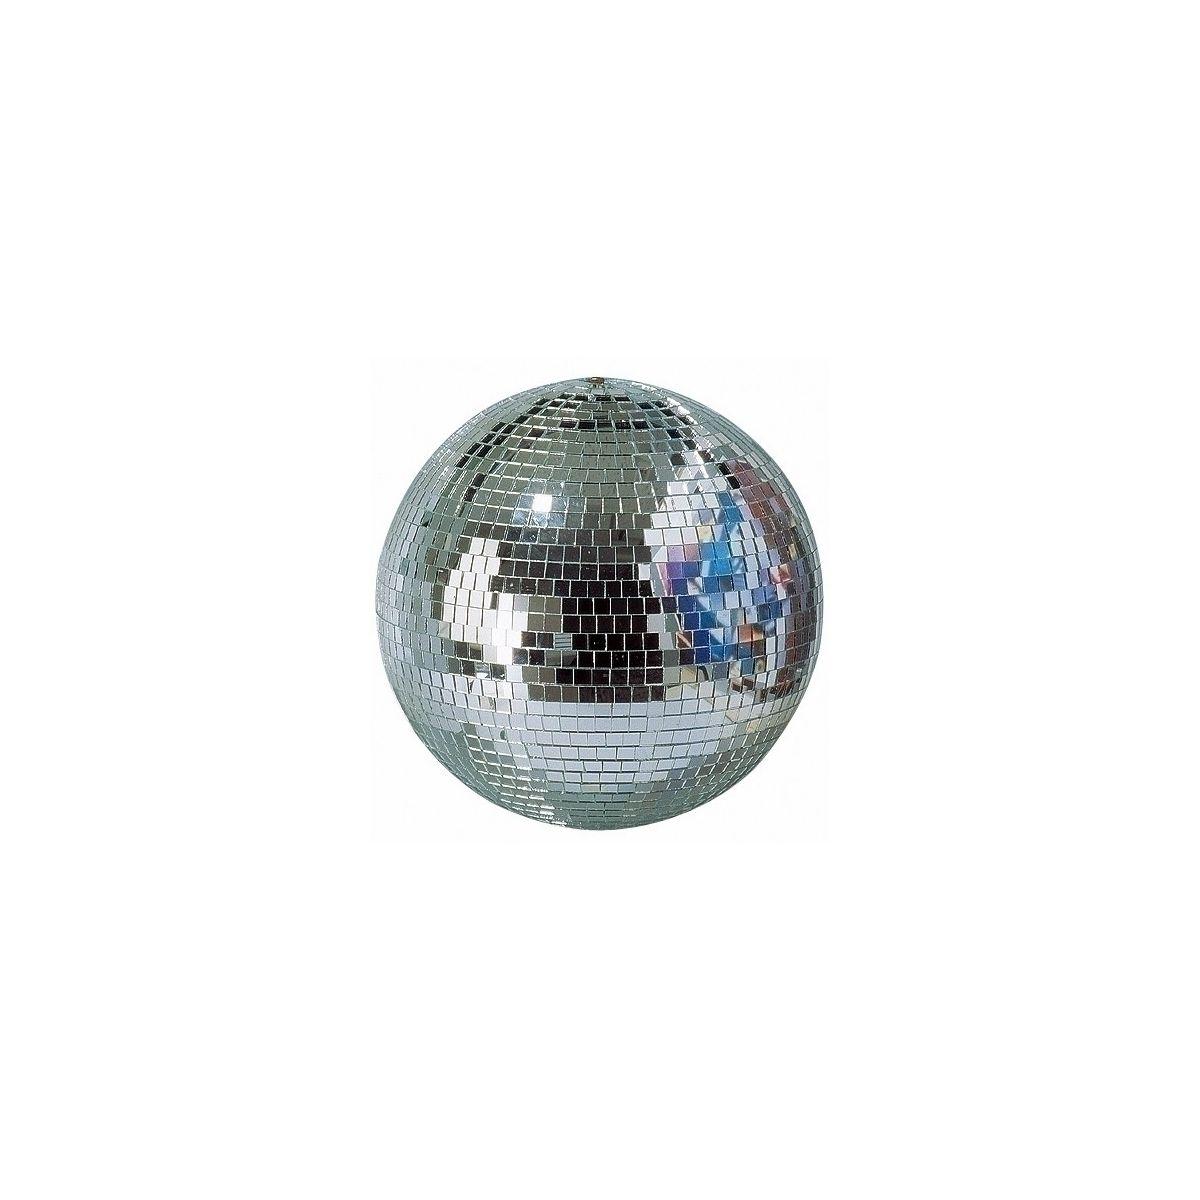 Boules à facettes - SX Lighting - B 750